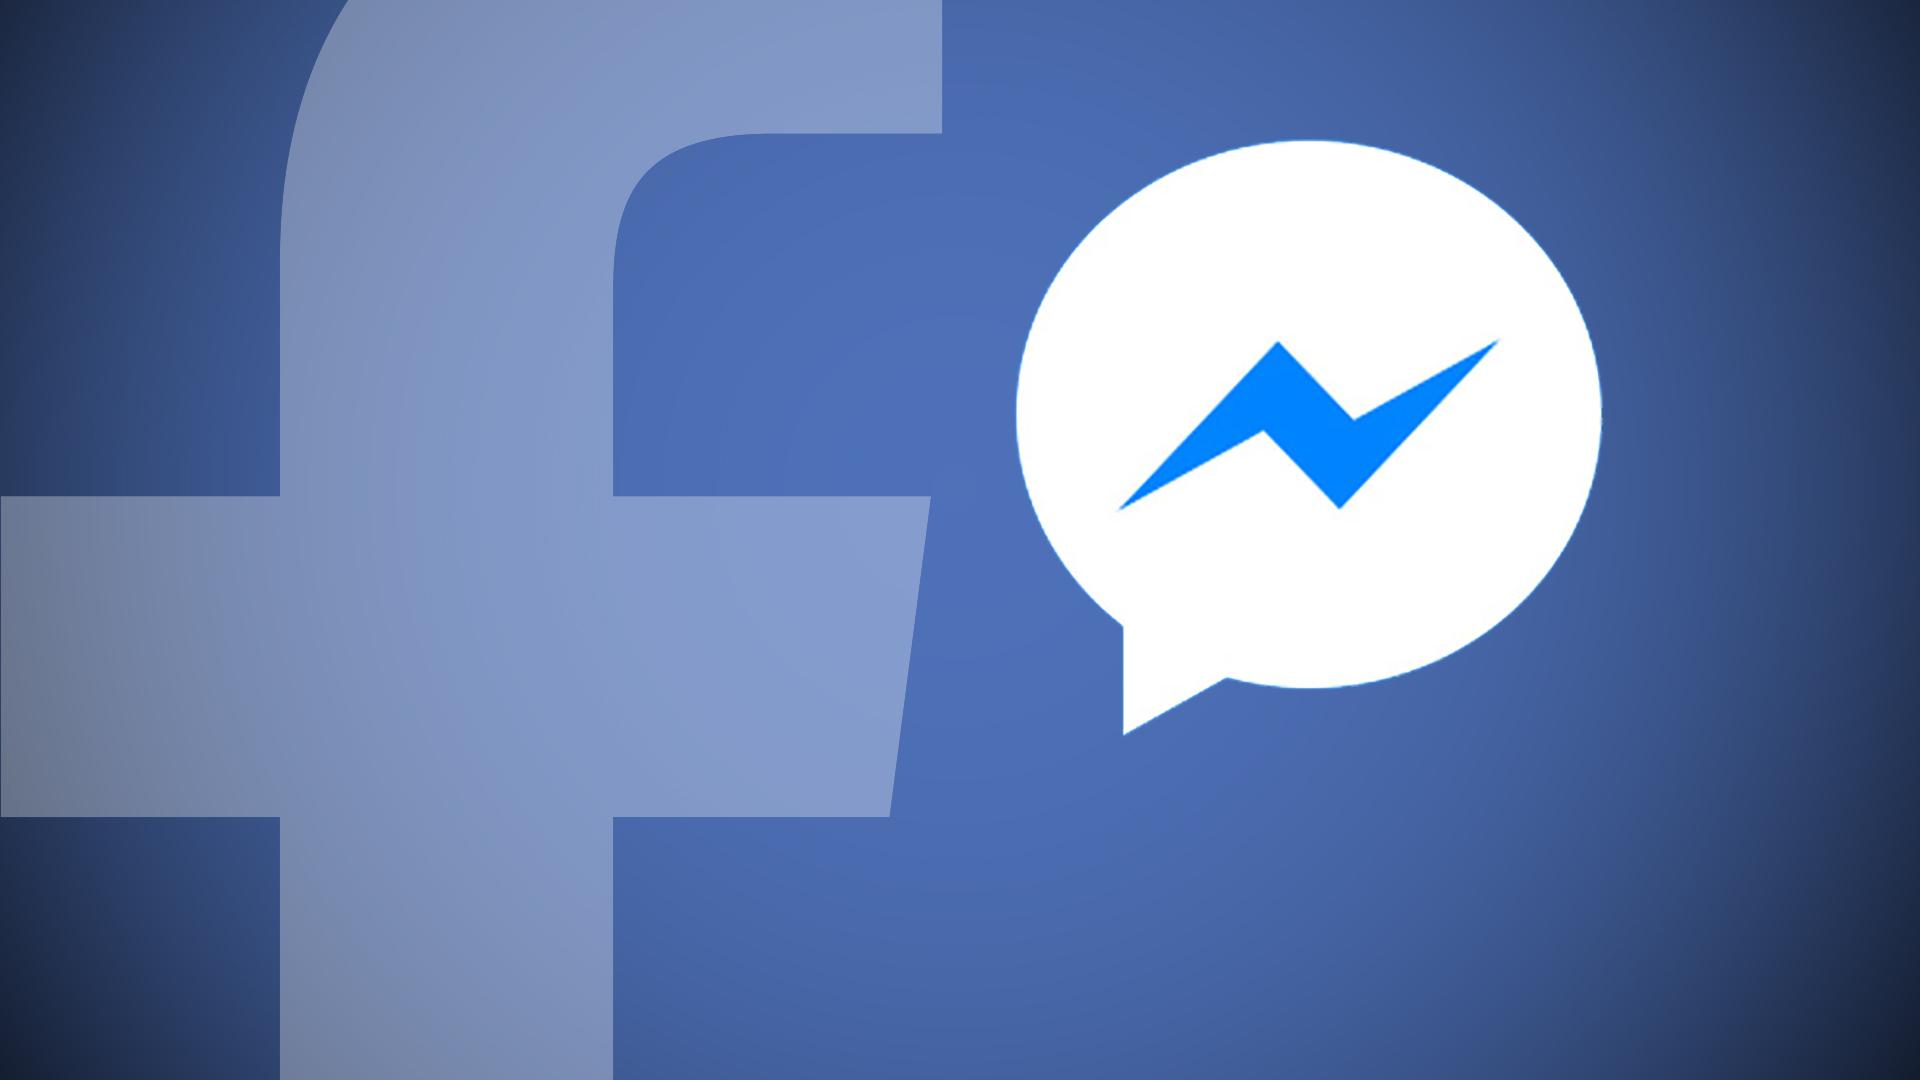 «فيس بوك» تتيح البحث عن النصوص في محادثات «مسنجر»